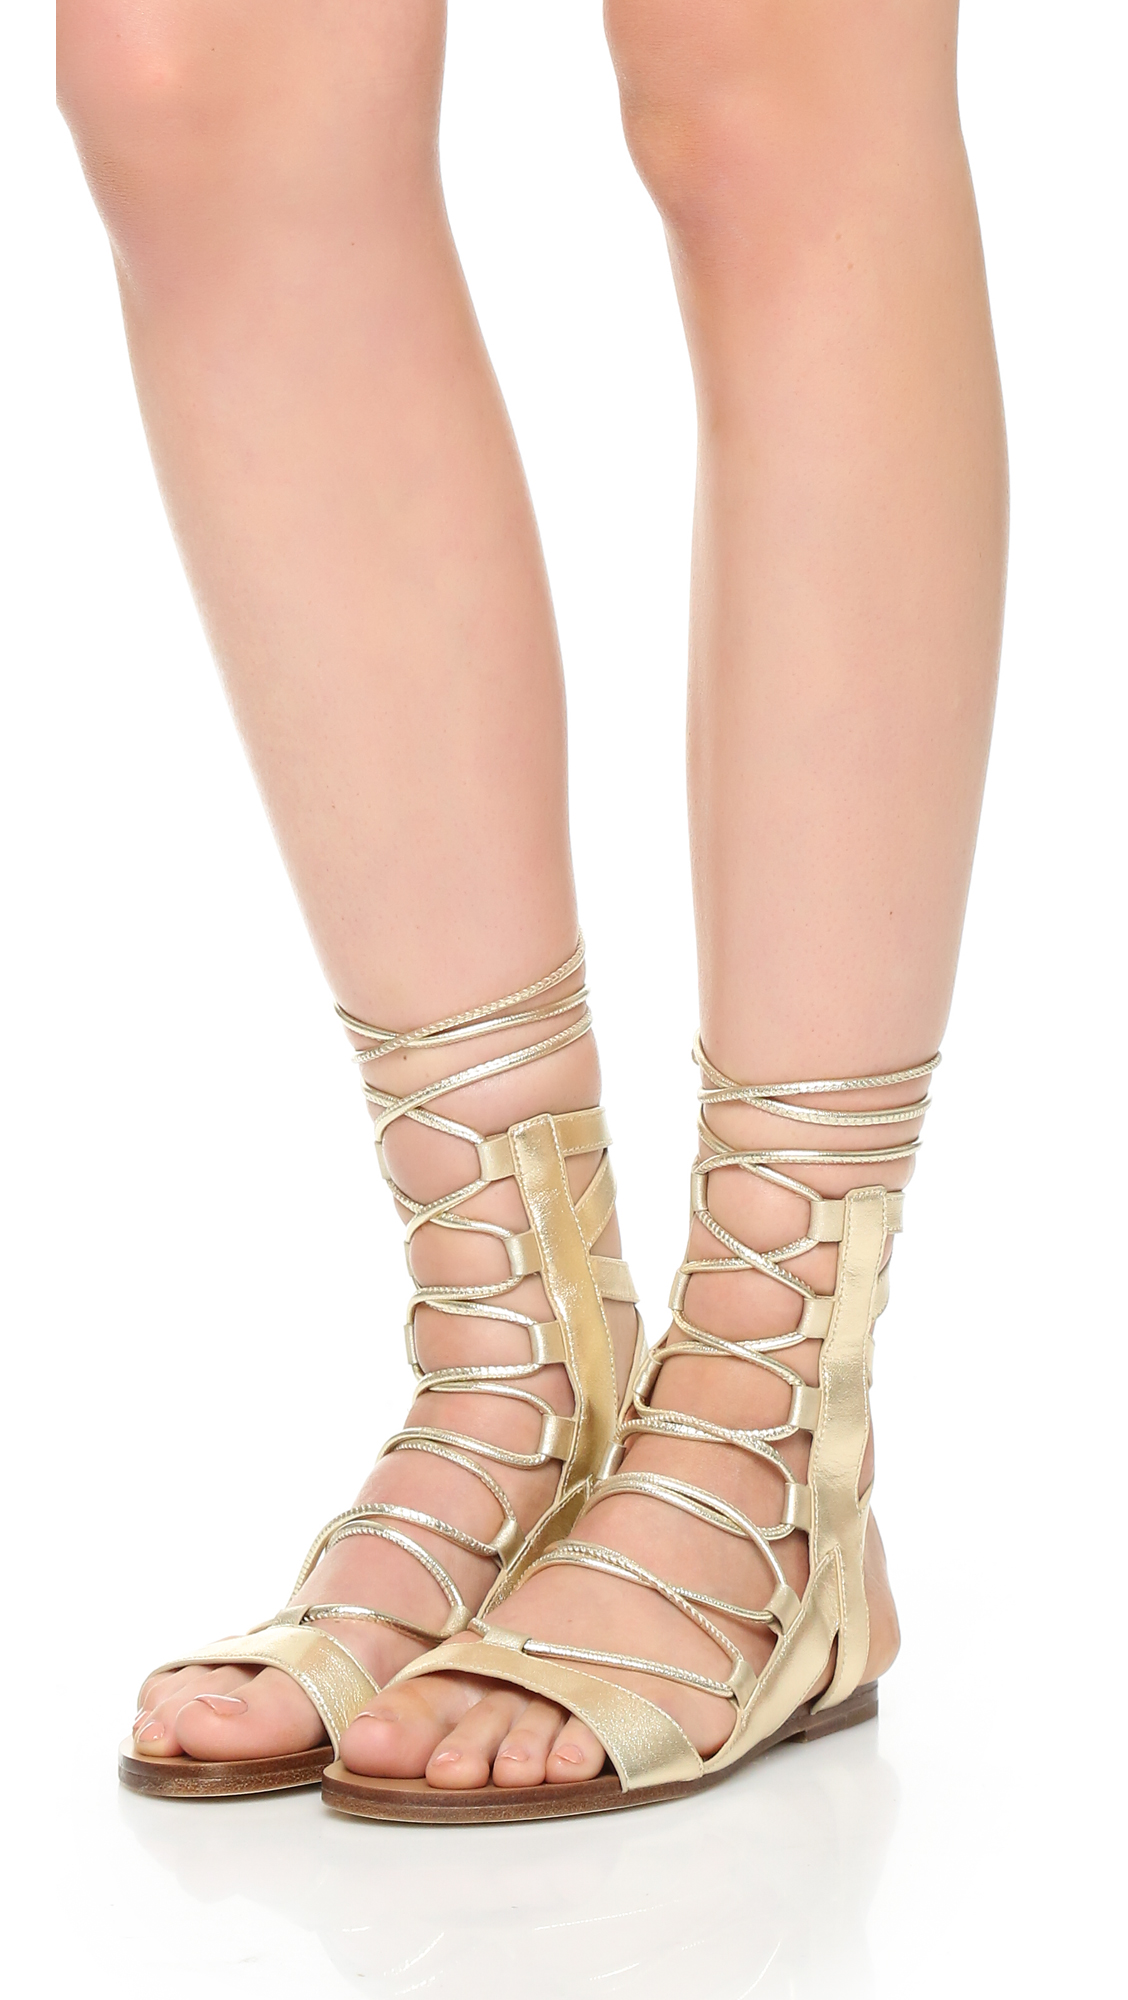 Sigerson Morrison Suede Cage Sandals sale order amazon sale online cheap 100% original fashion Style sale online WTa8R